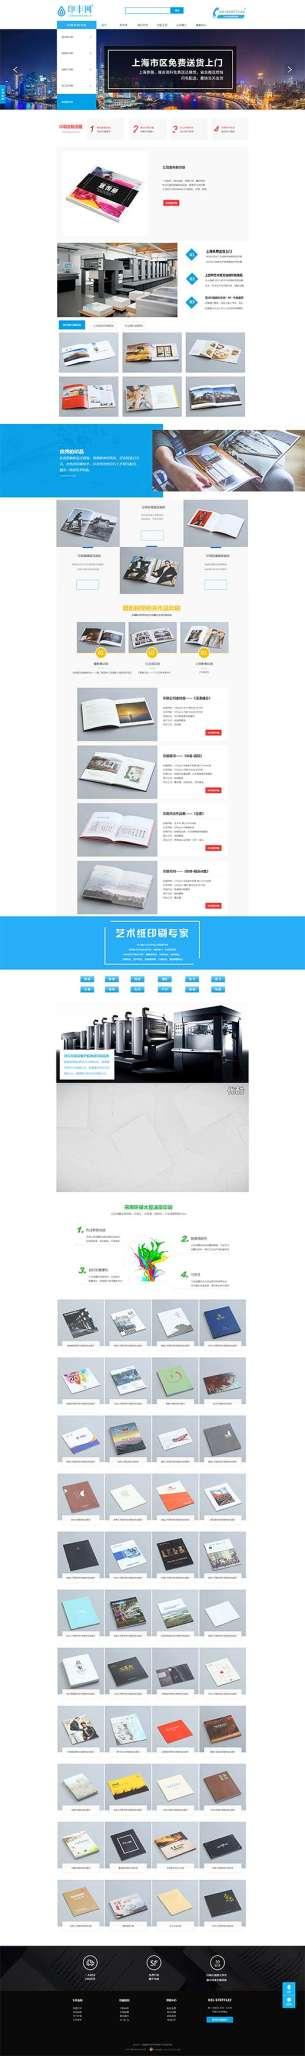 印丰网印刷包装商城